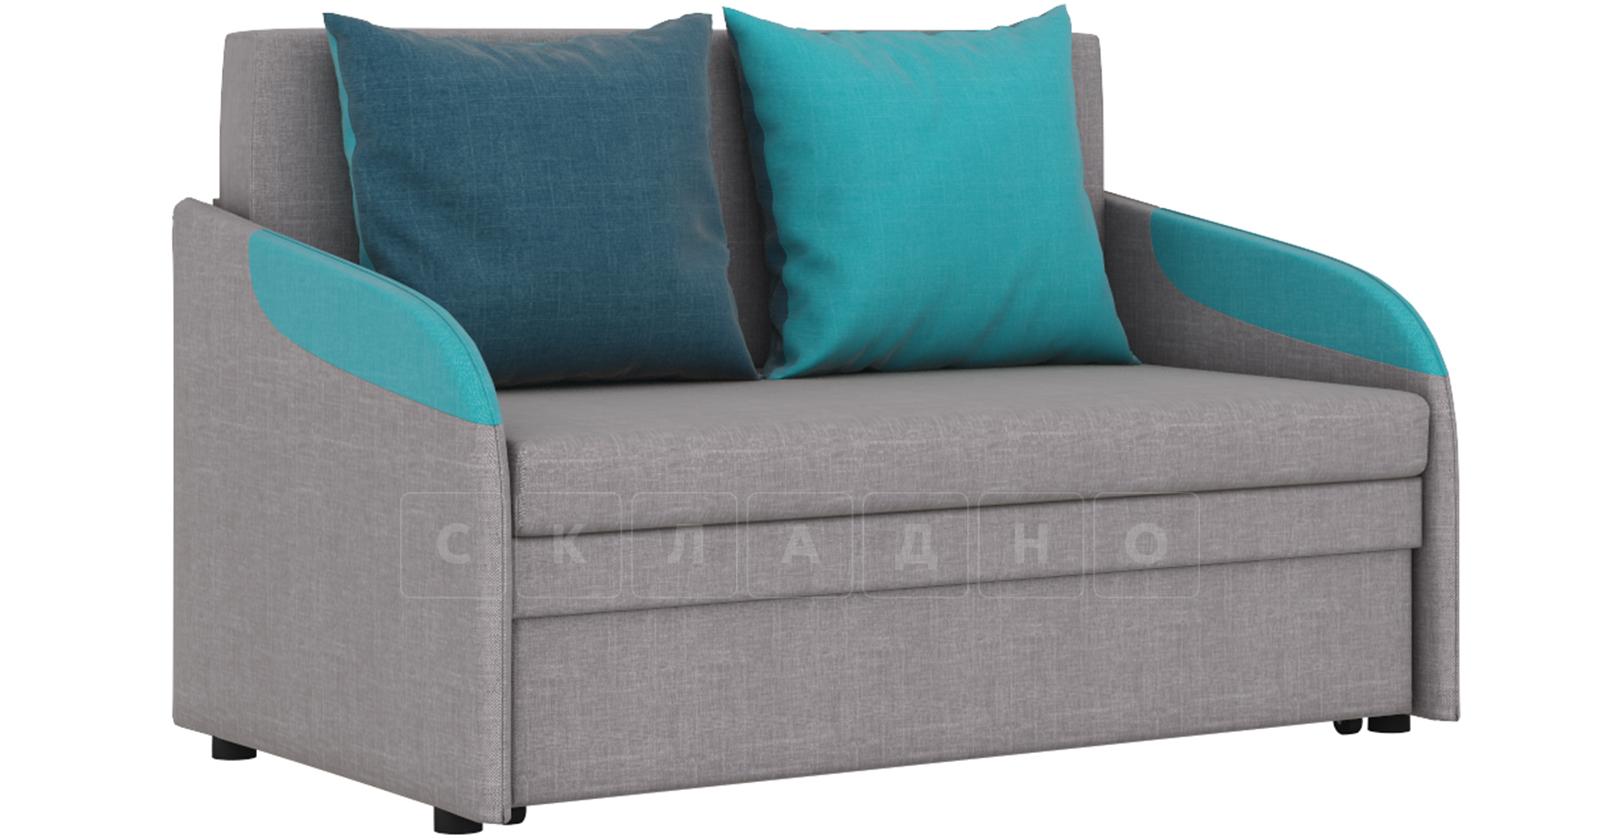 Диван-кровать с узкими подлокотниками Громит 120 серый ТД 133 фото 1 | интернет-магазин Складно